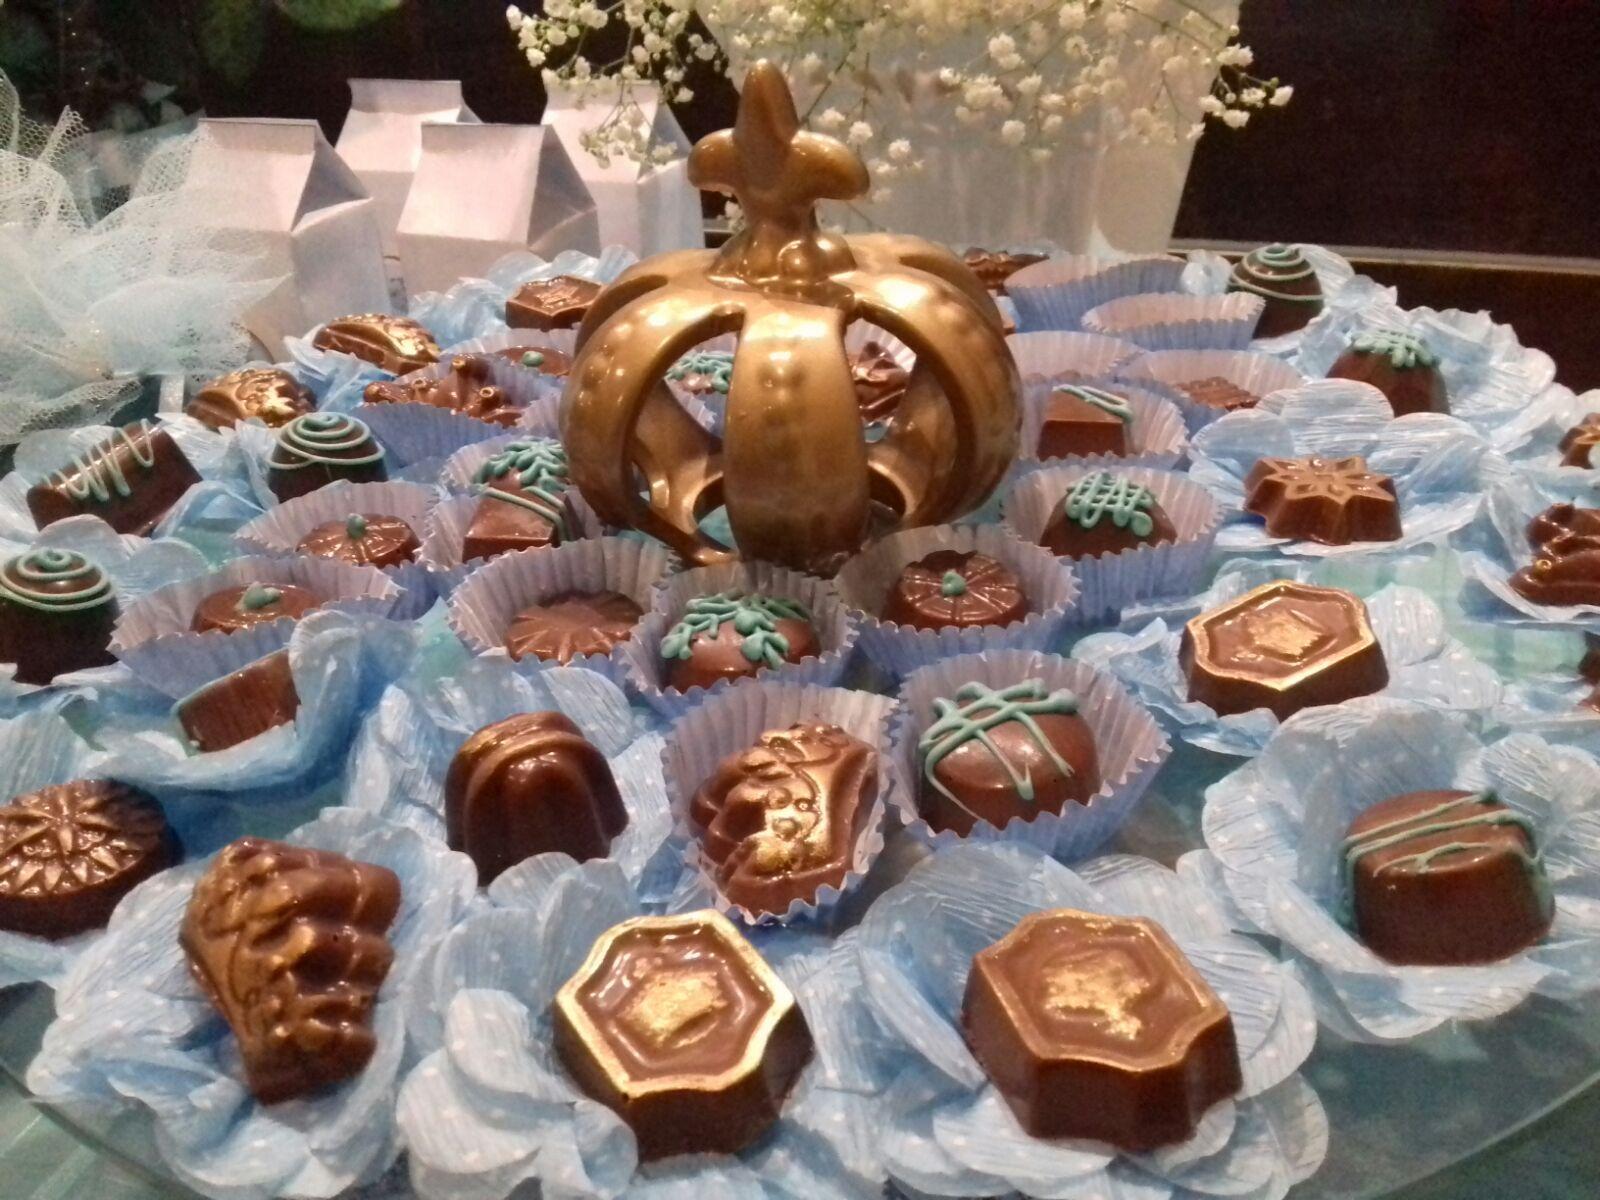 Kit Mesa de Chocolate com até 250 Itens Personalizados e Decorados a partir de R$60